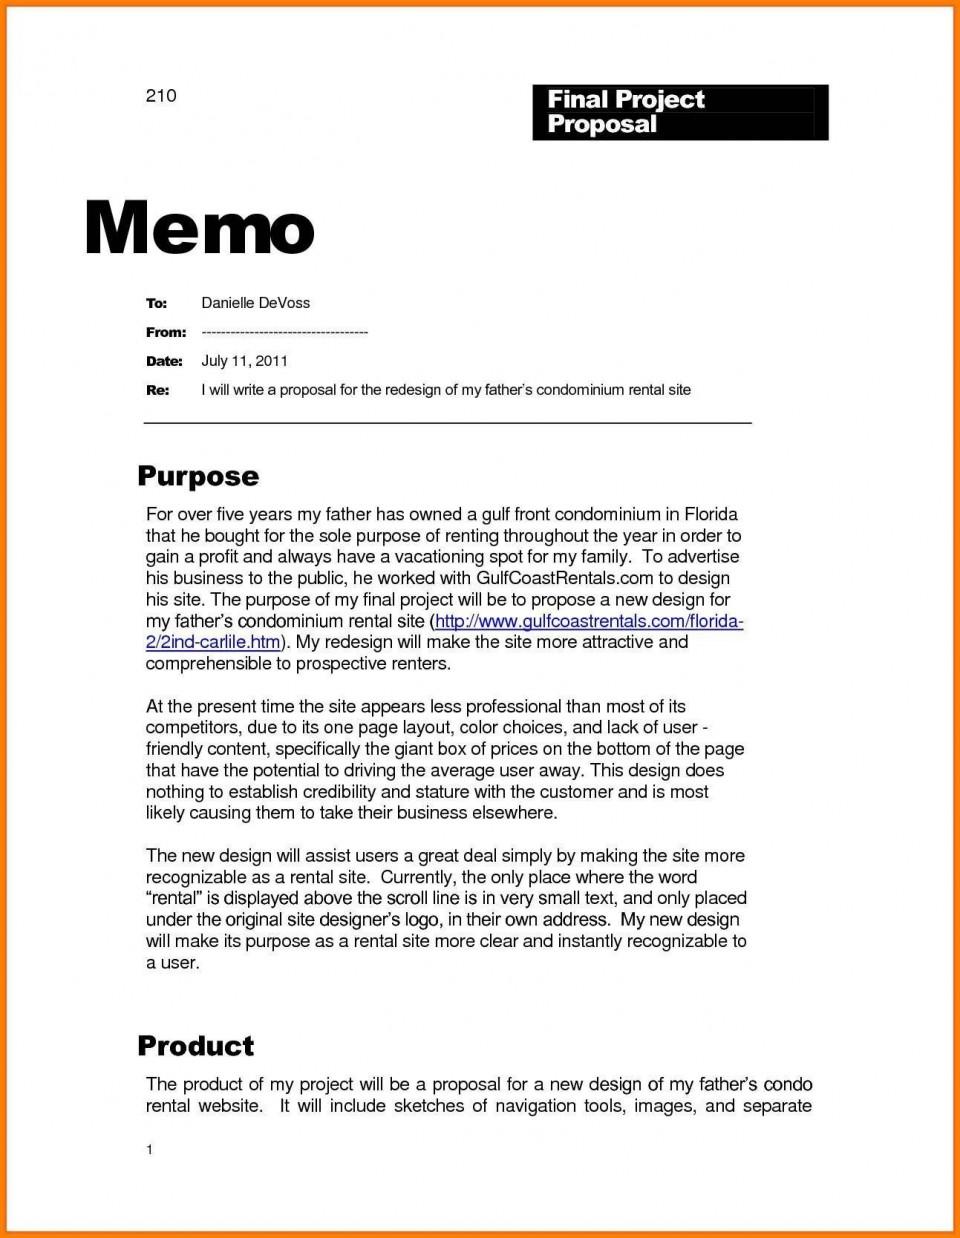 005 Wonderful Microsoft Word Professional Memorandum Template Sample  Memo960